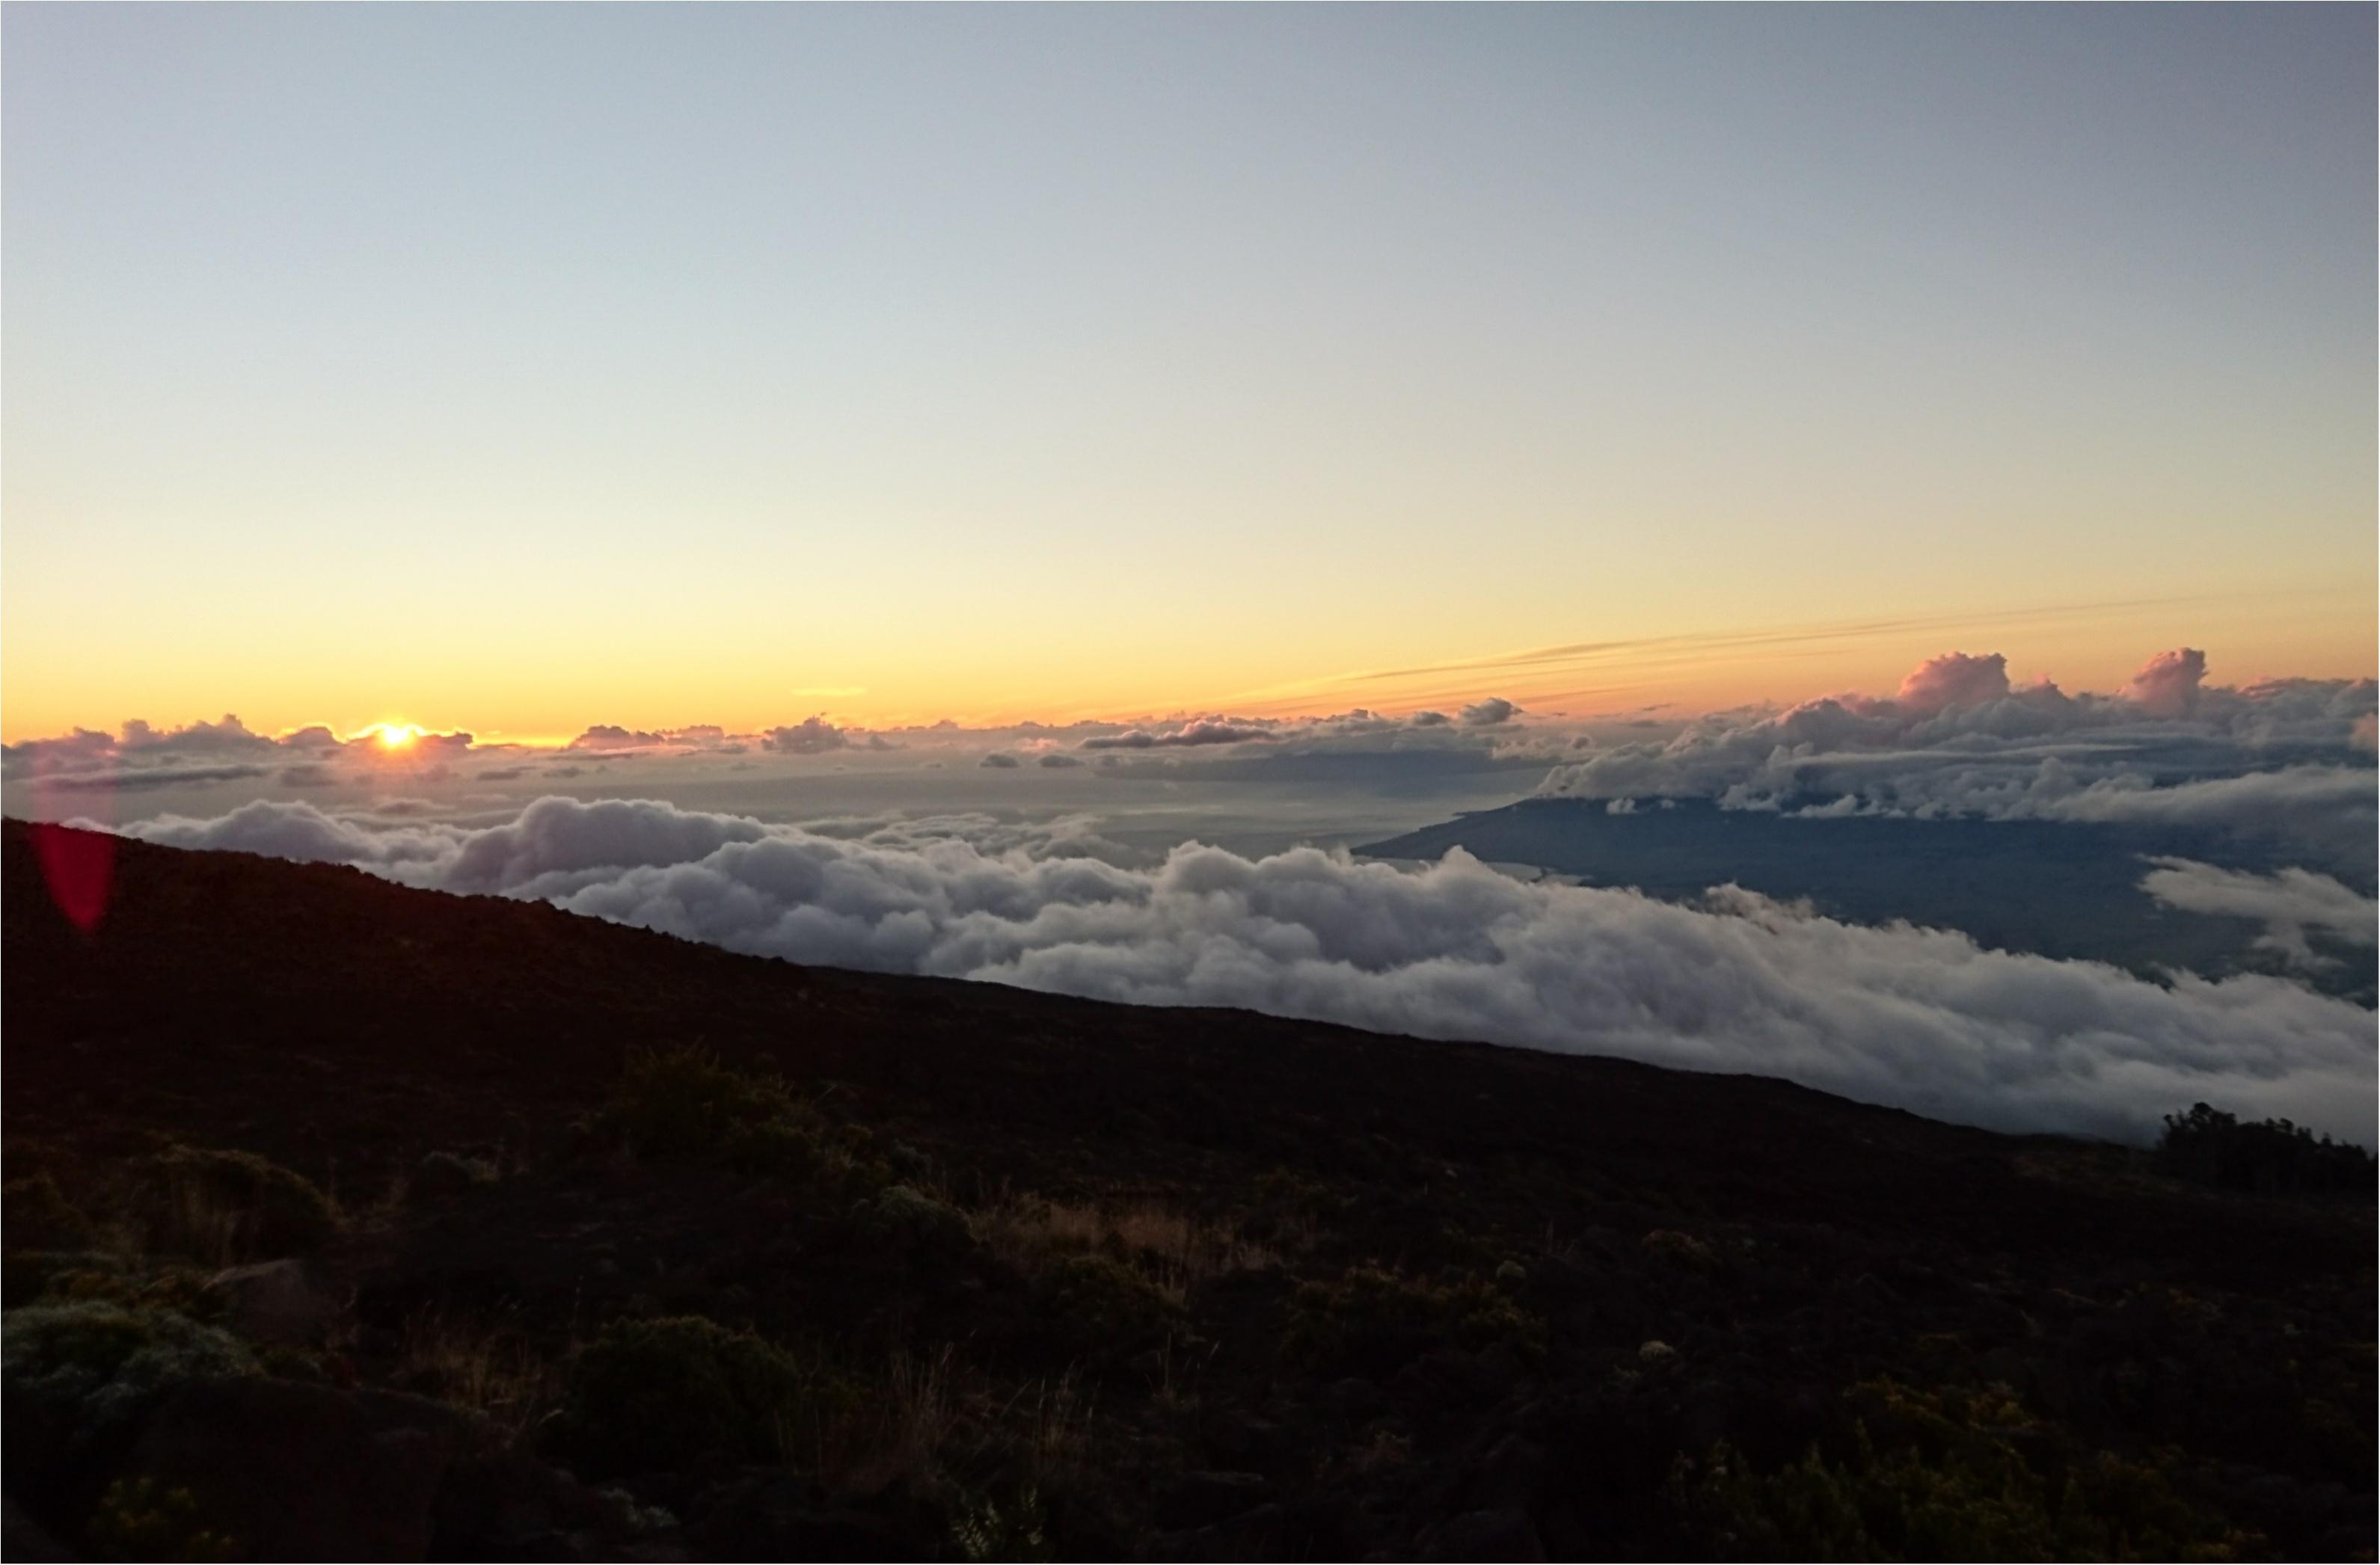 【trip】マウイ島ハレアカラからの絶景サンセット٩(๑❛ᴗ❛๑)۶_2